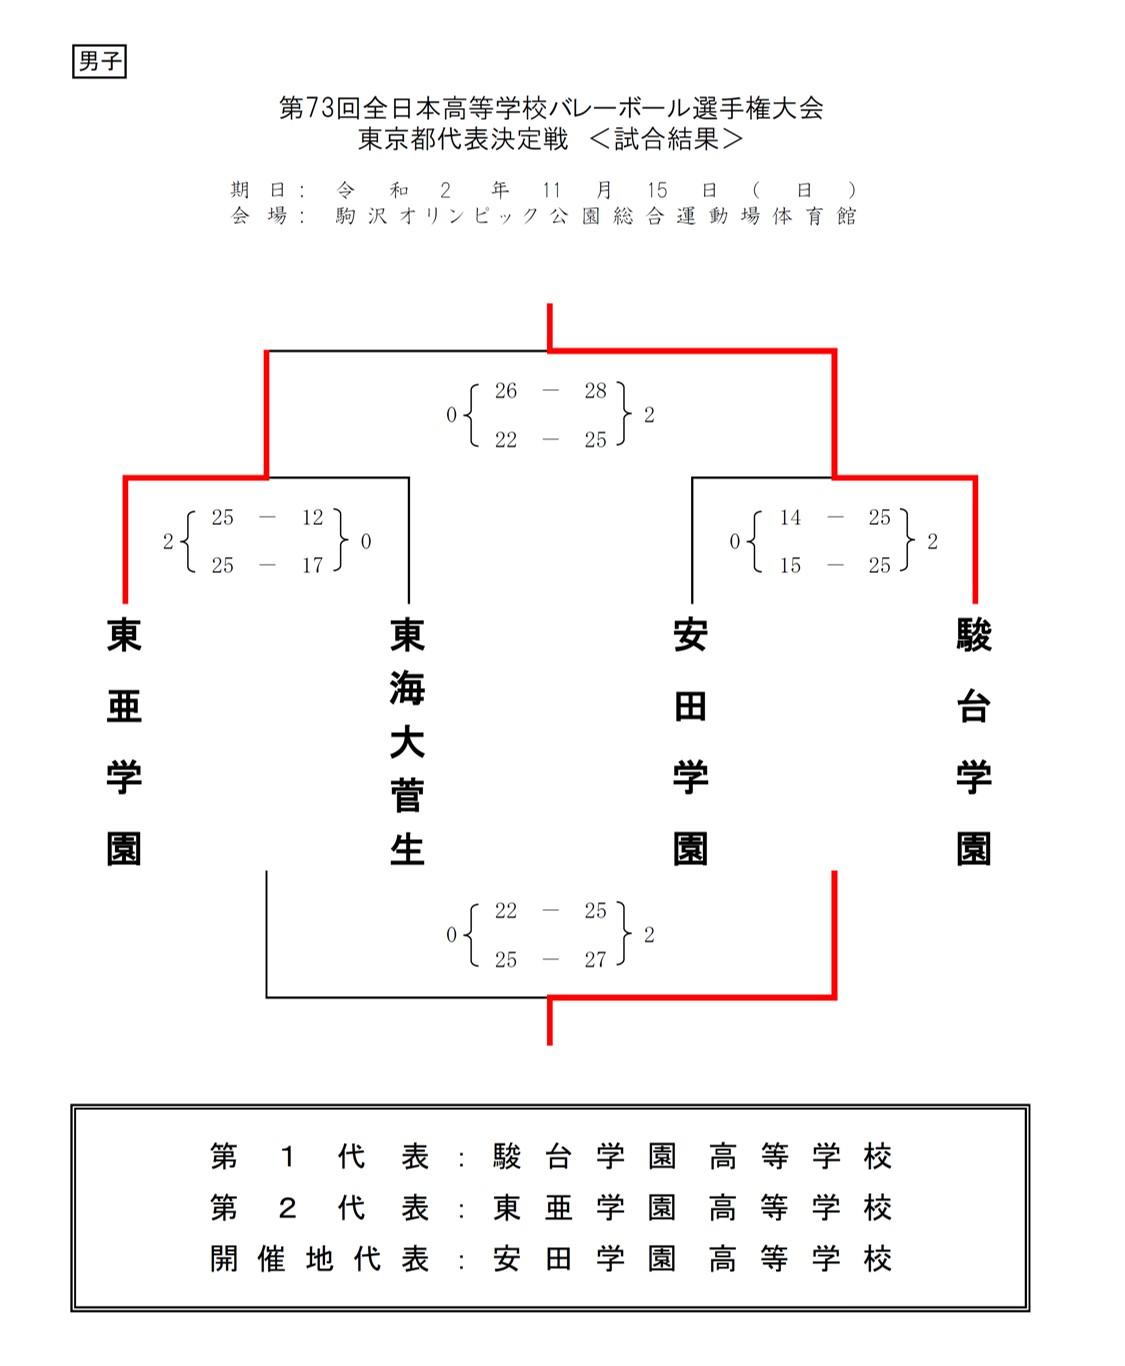 2020年度_全日本高校選手権_東京予選_男子_最終結果